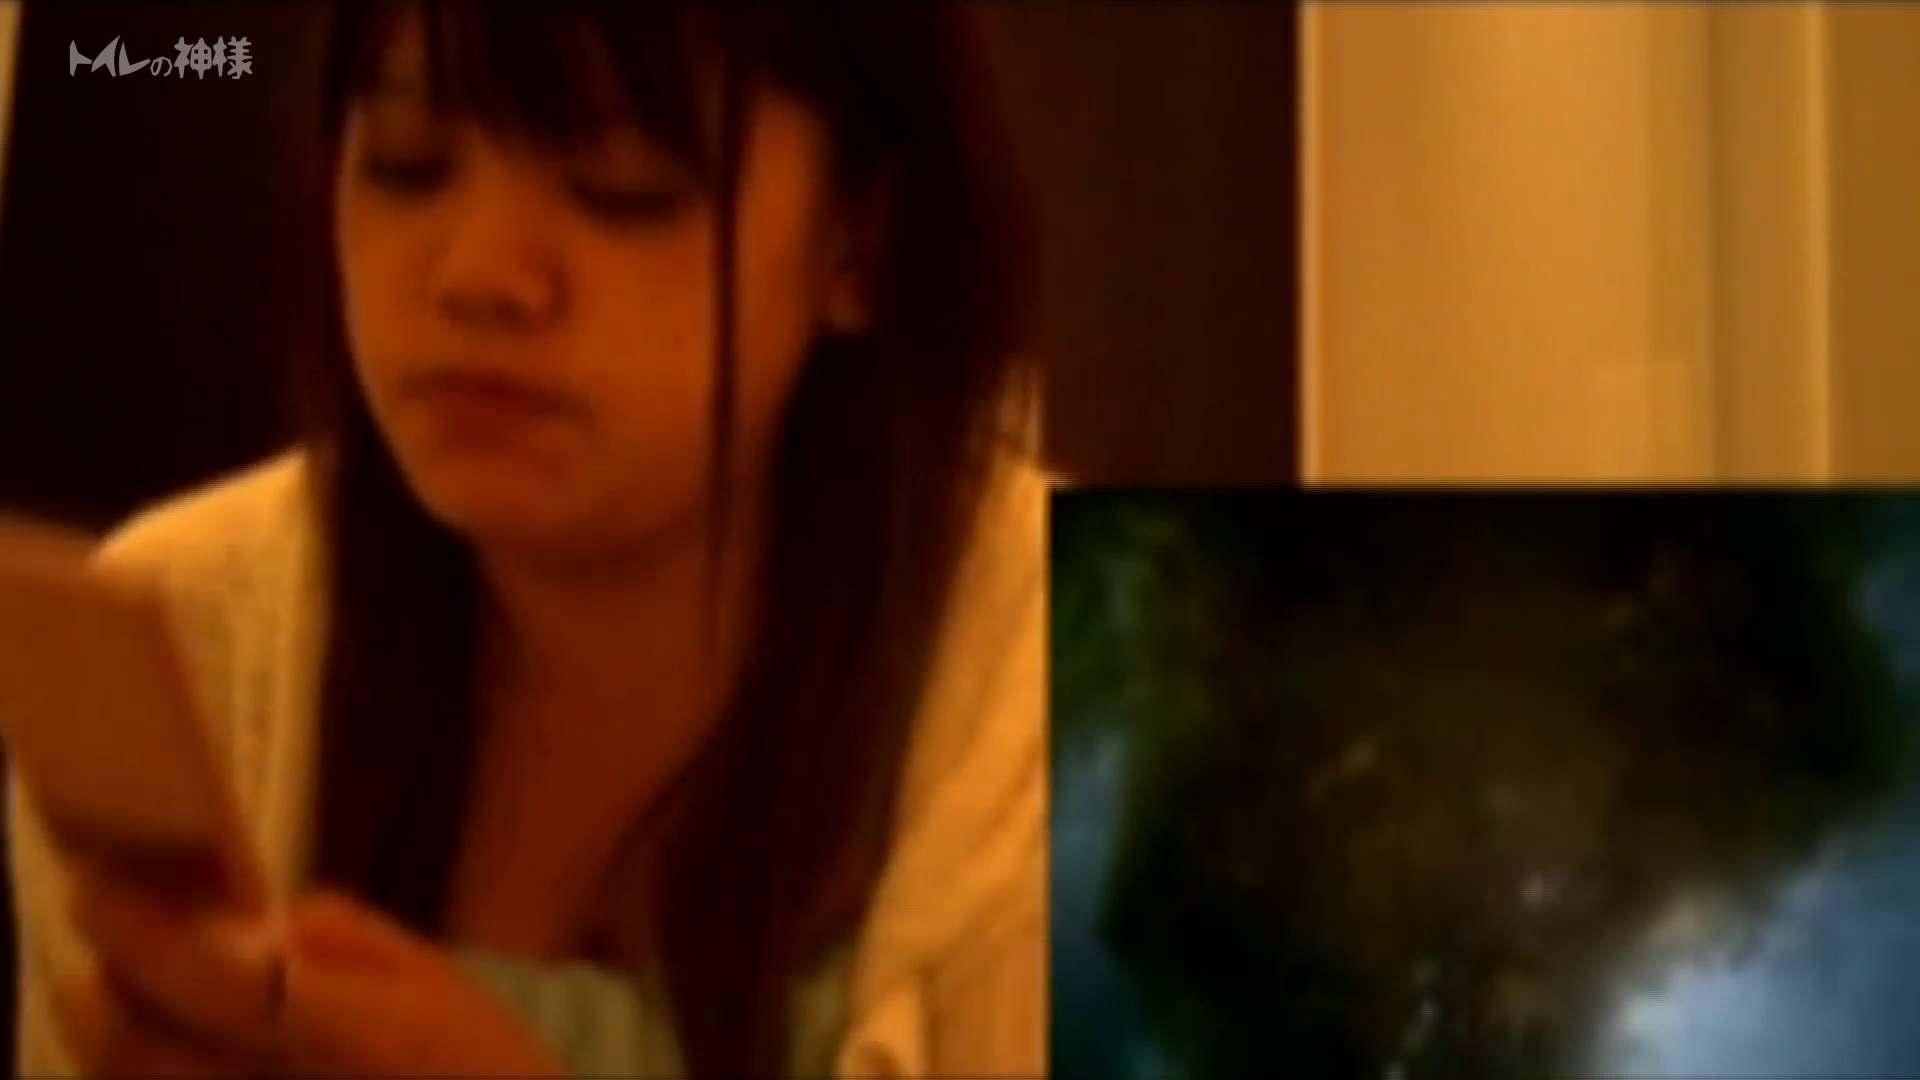 トイレの神様 Vol.03 彼女のうんち隠し撮り 盛合せ アダルト動画キャプチャ 111枚 8